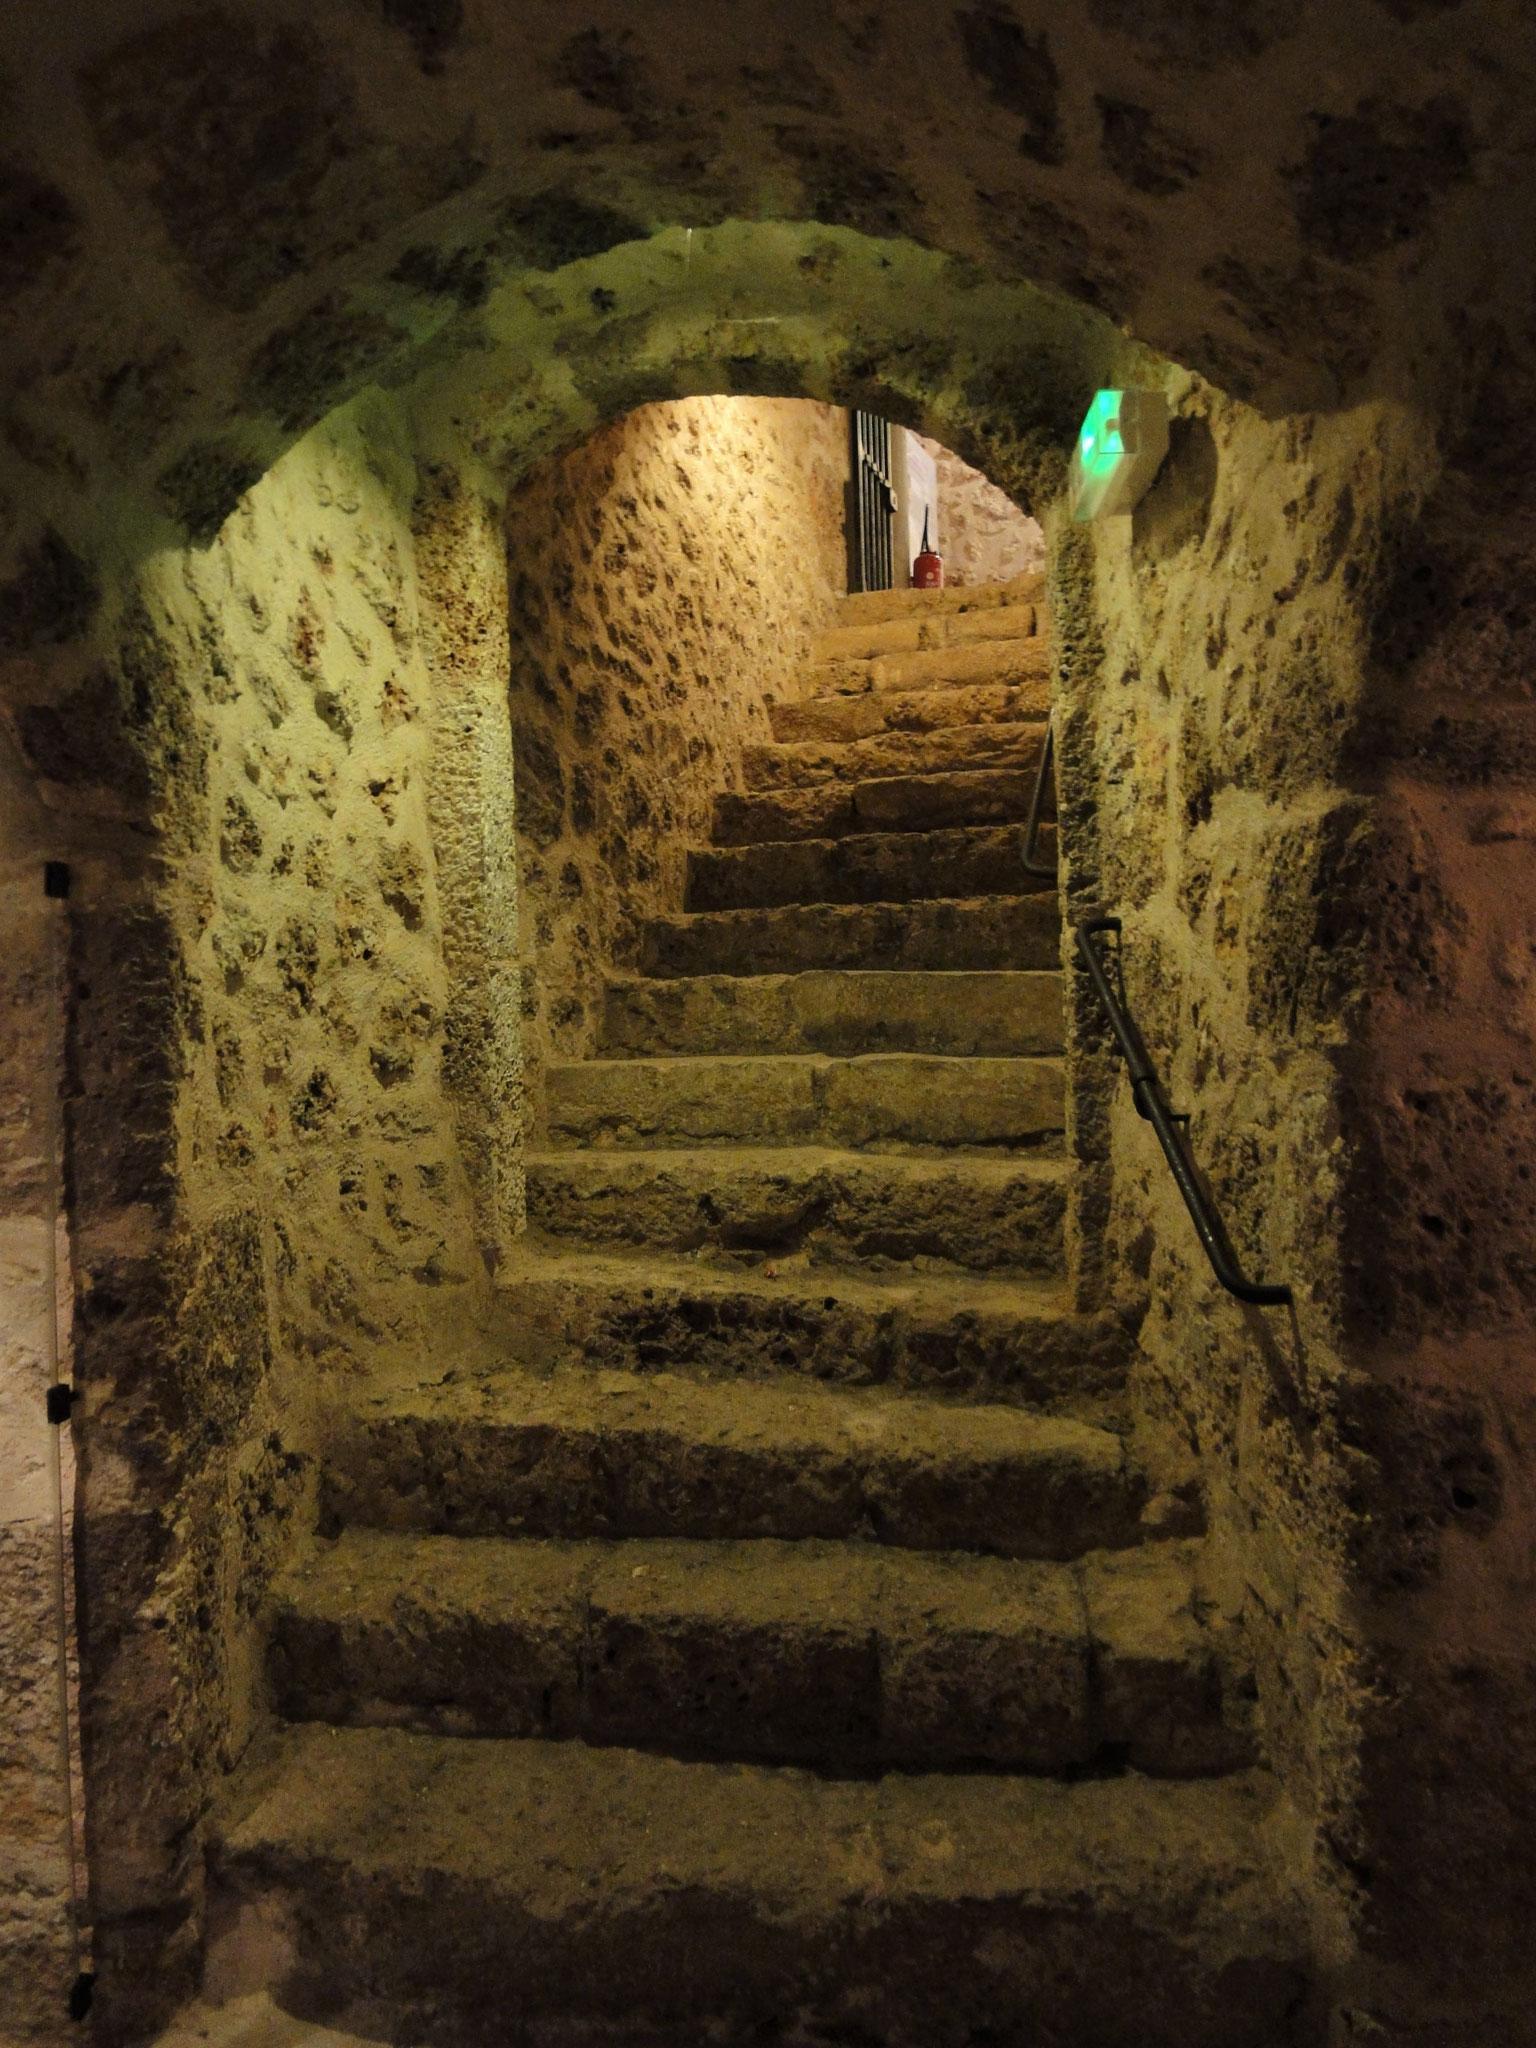 Escalier descendant vers les caves du château de la Madeleine.